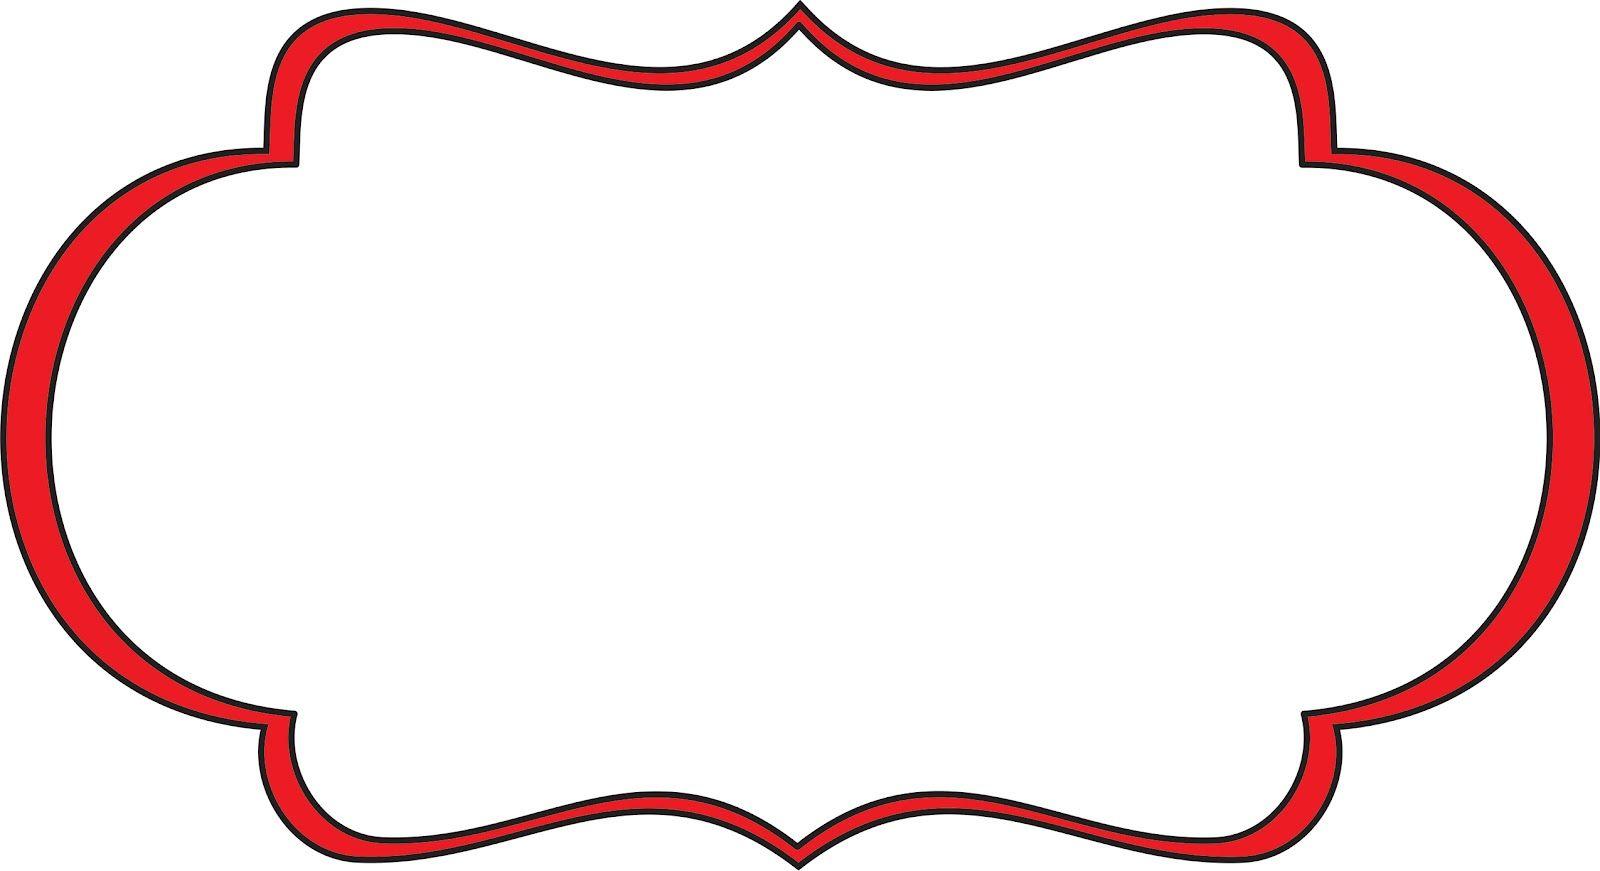 medium resolution of border clipart border clip art images clipartner com